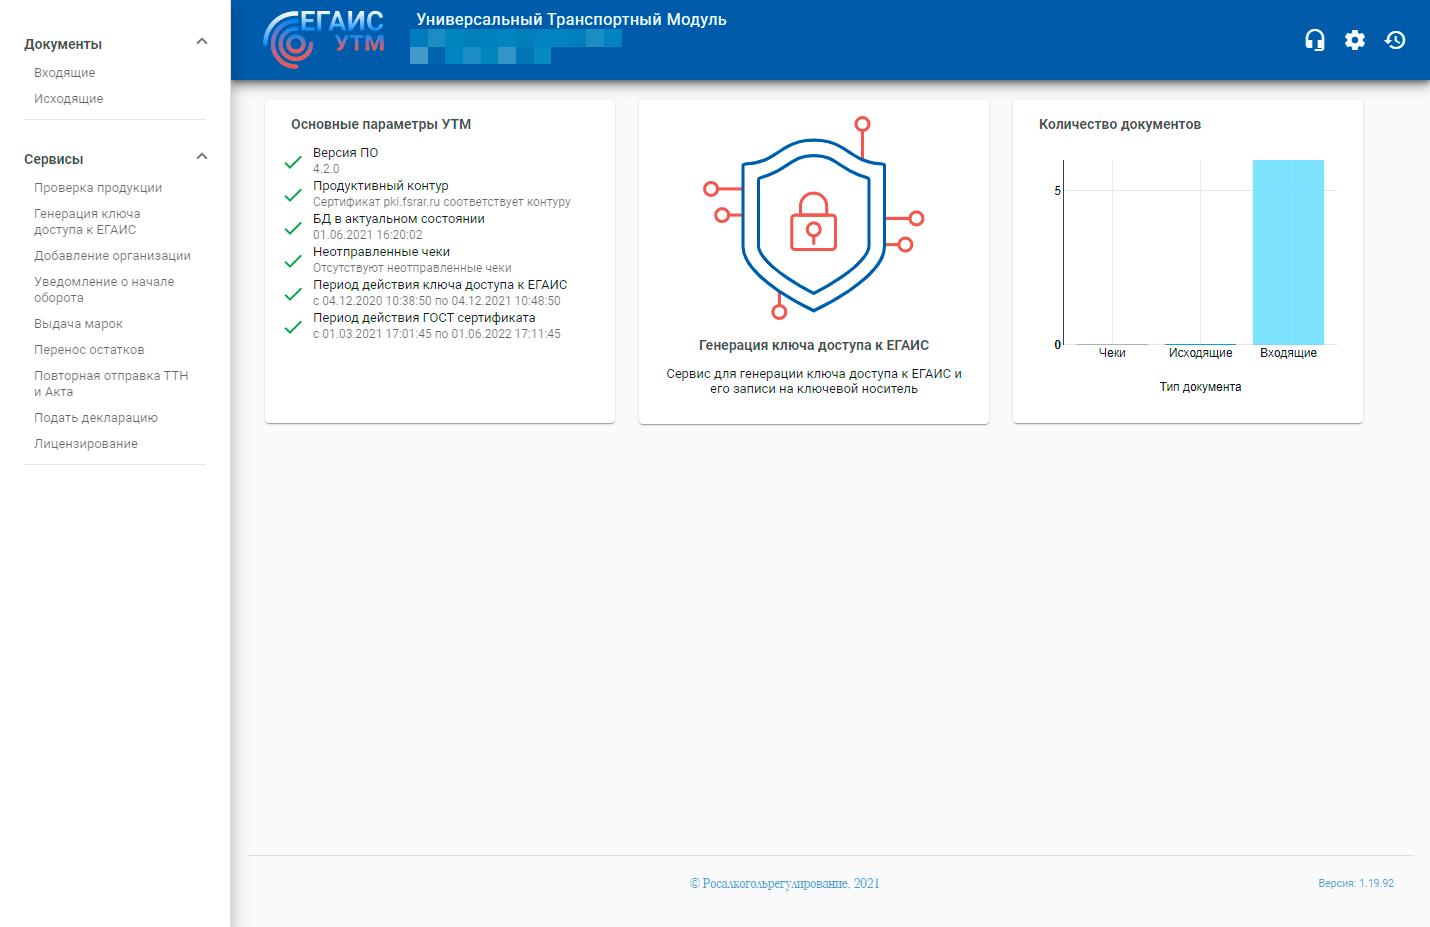 https://interface31.ru/tech_it/images/egais-utm420-linux-002.png